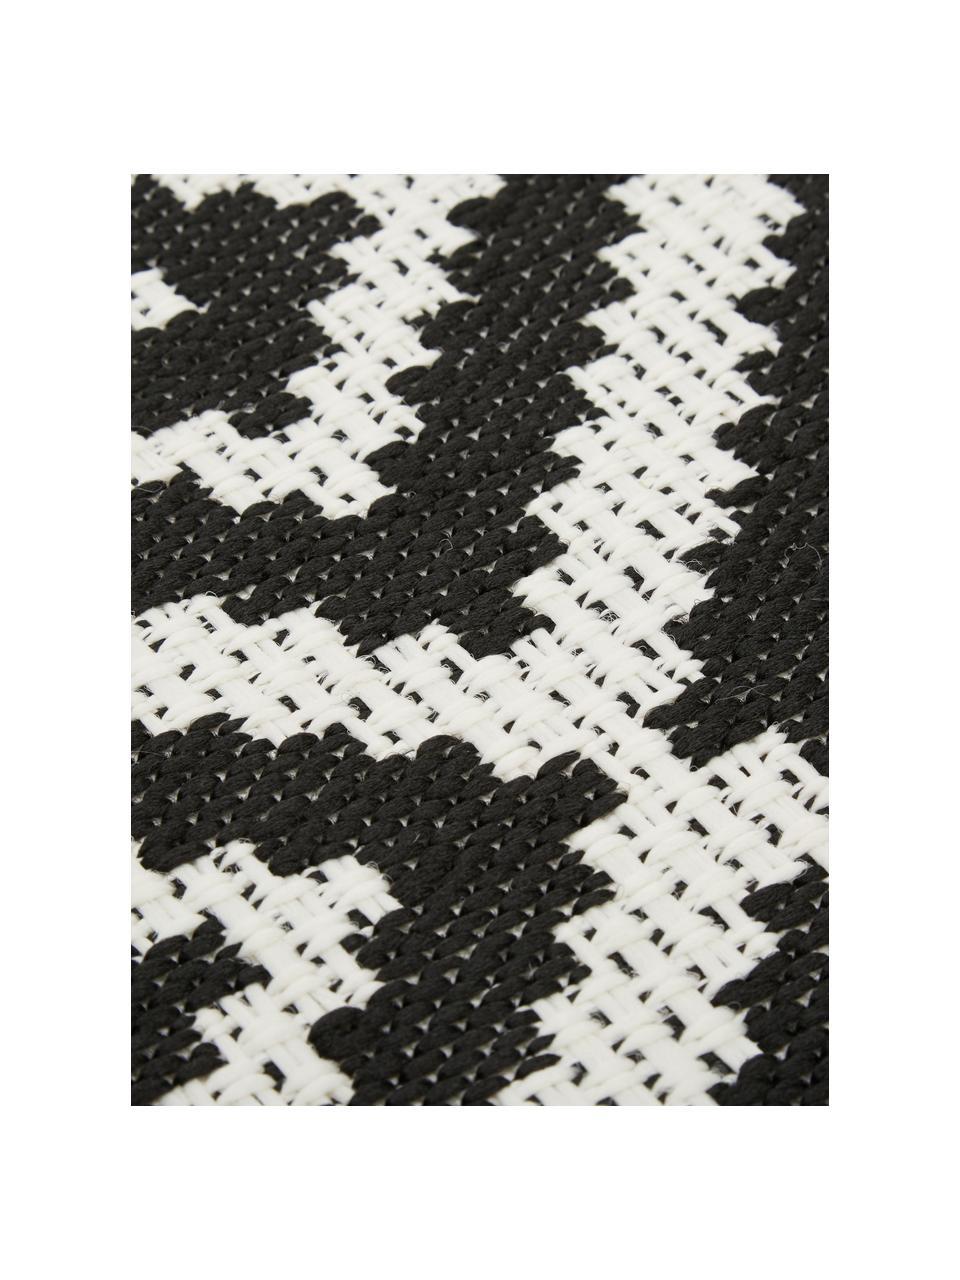 Tappeto fantasia color nero/bianco da interno-esterno Miami, 86% polipropilene, 14% poliestere, Bianco crema, nero, Larg. 200 x Lung. 290 cm (taglia L)